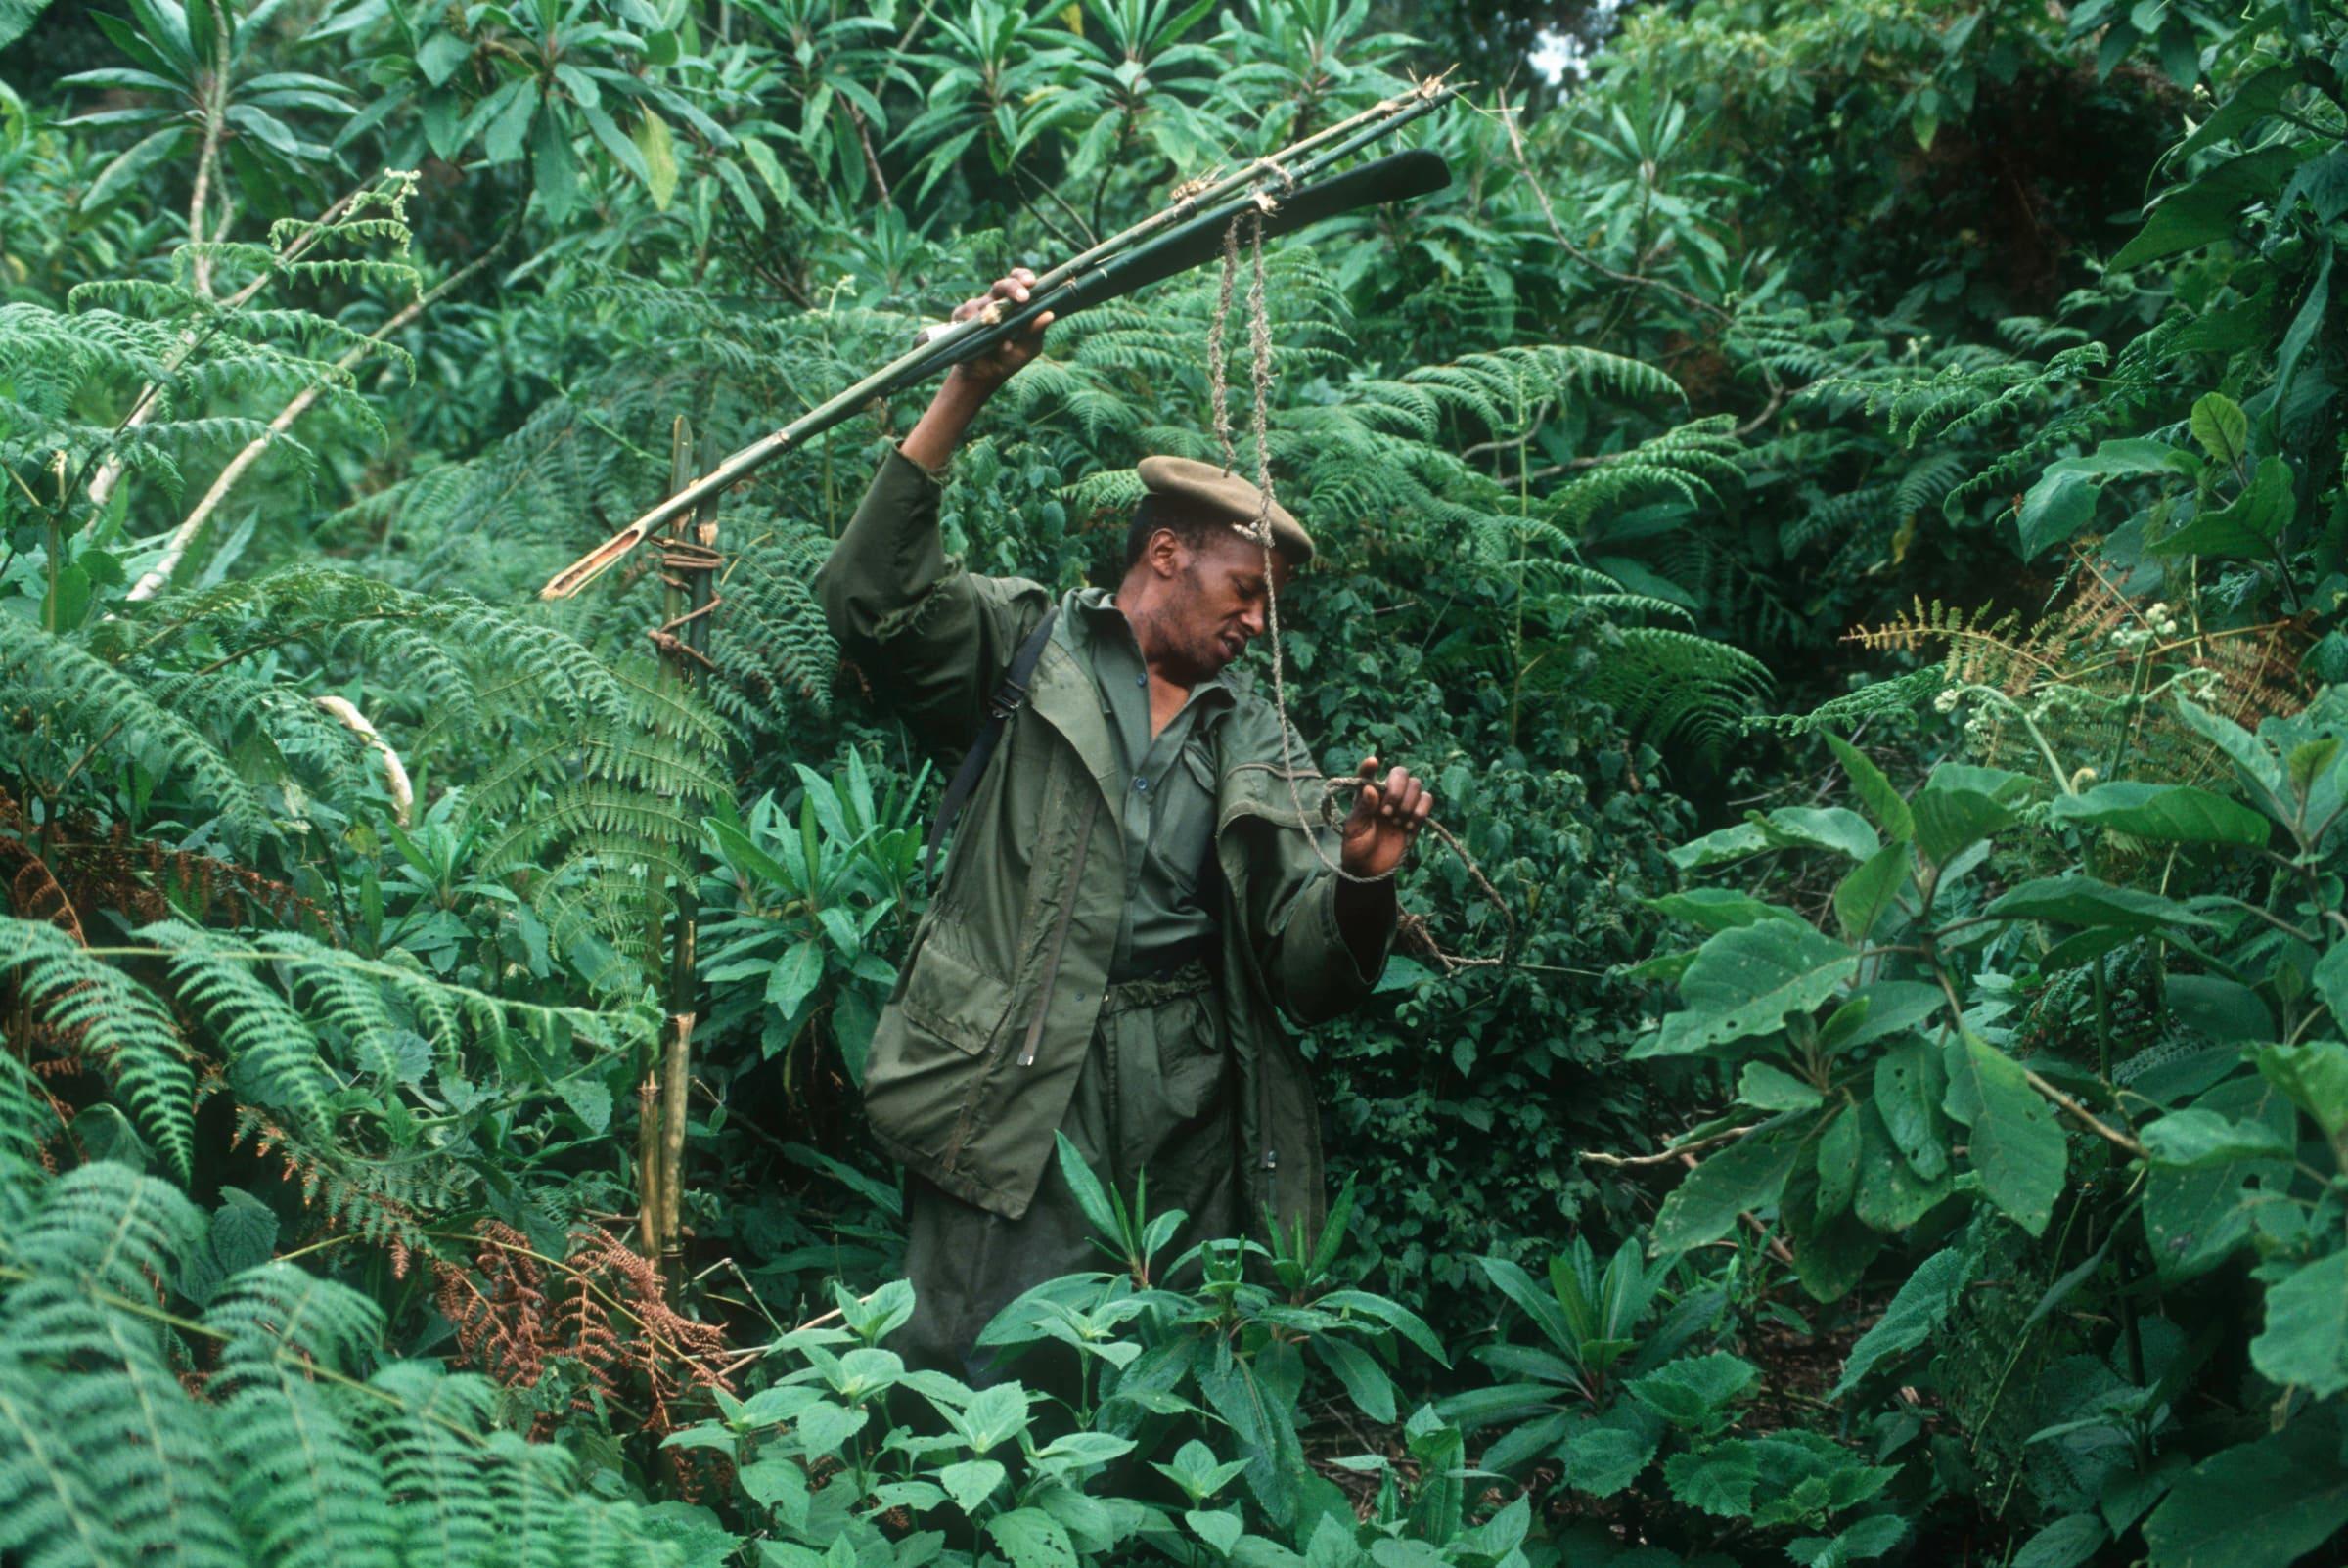 Ein Wildhüter entfernt Fallen, die Wilderer gelegt haben.